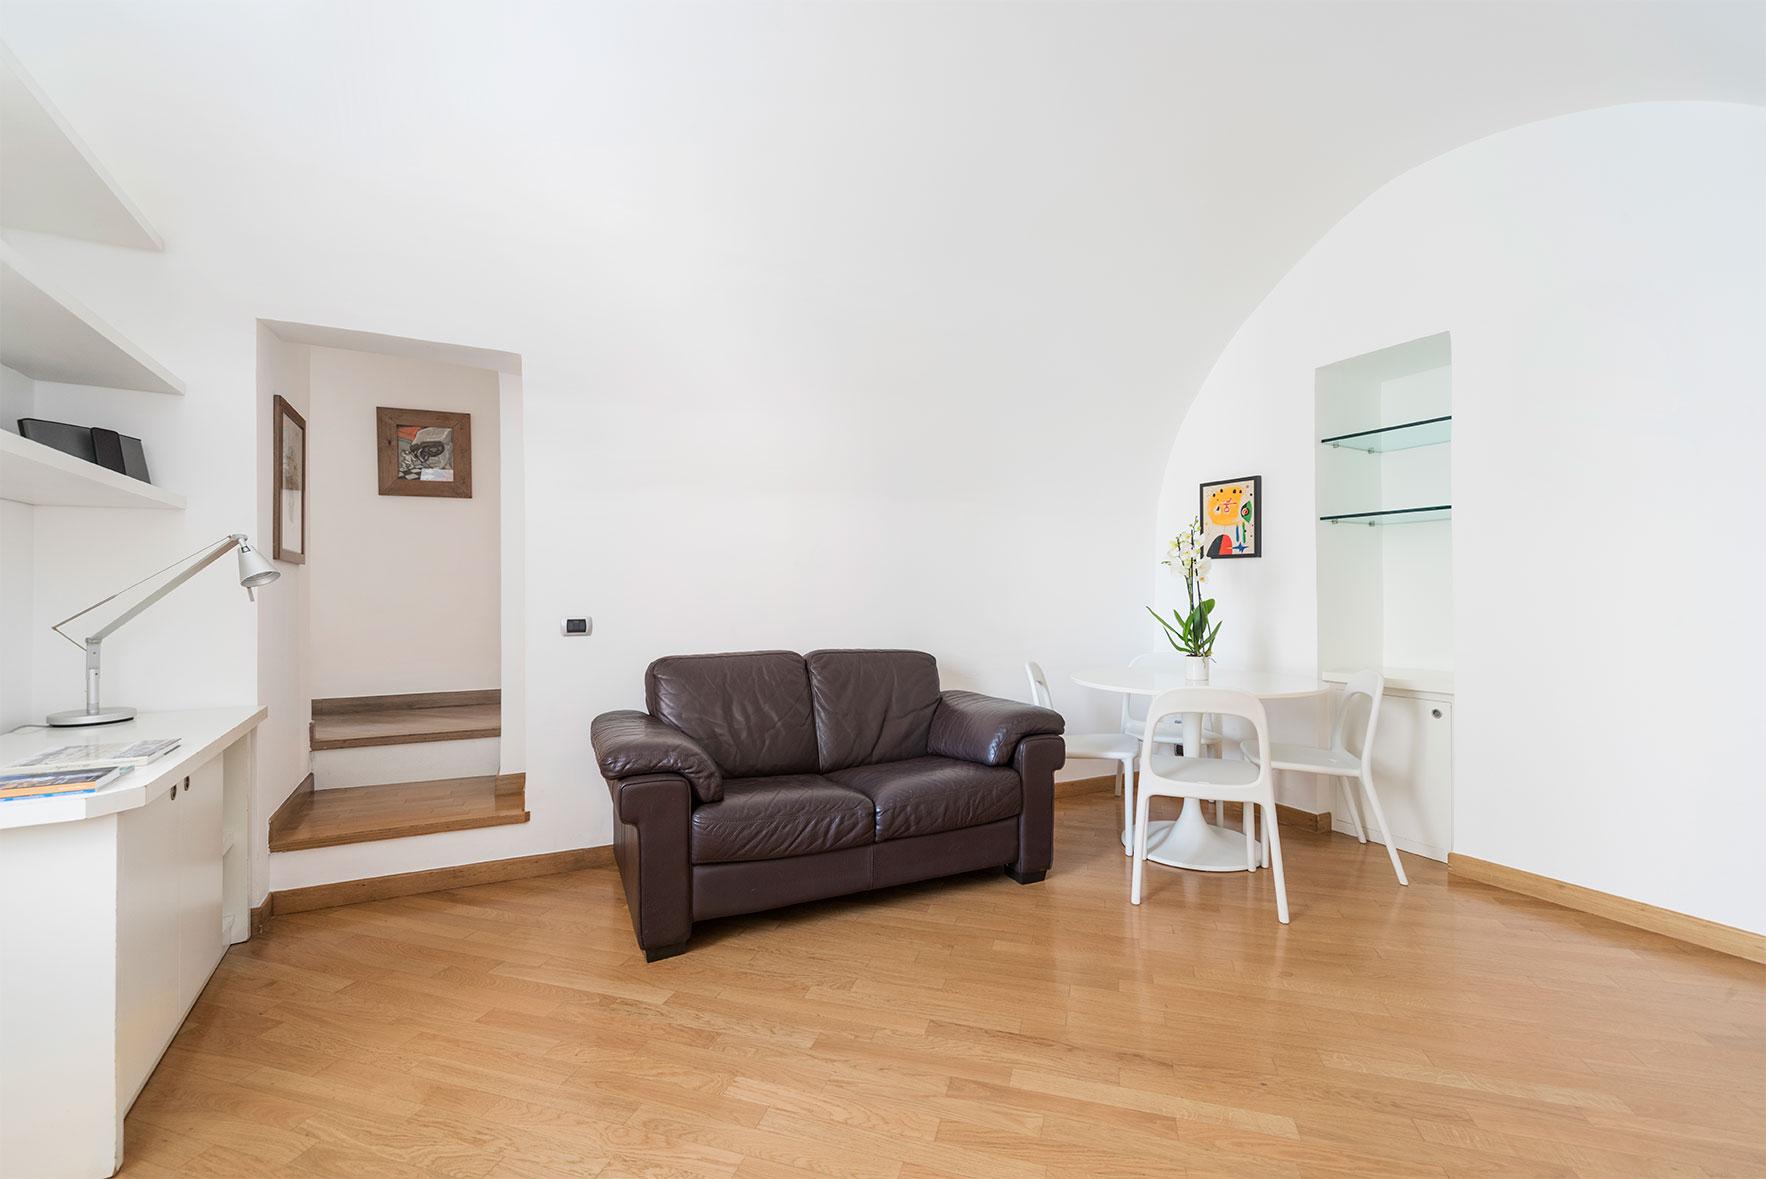 appartamento-deluxe-fiorentini-residence-napoli-2